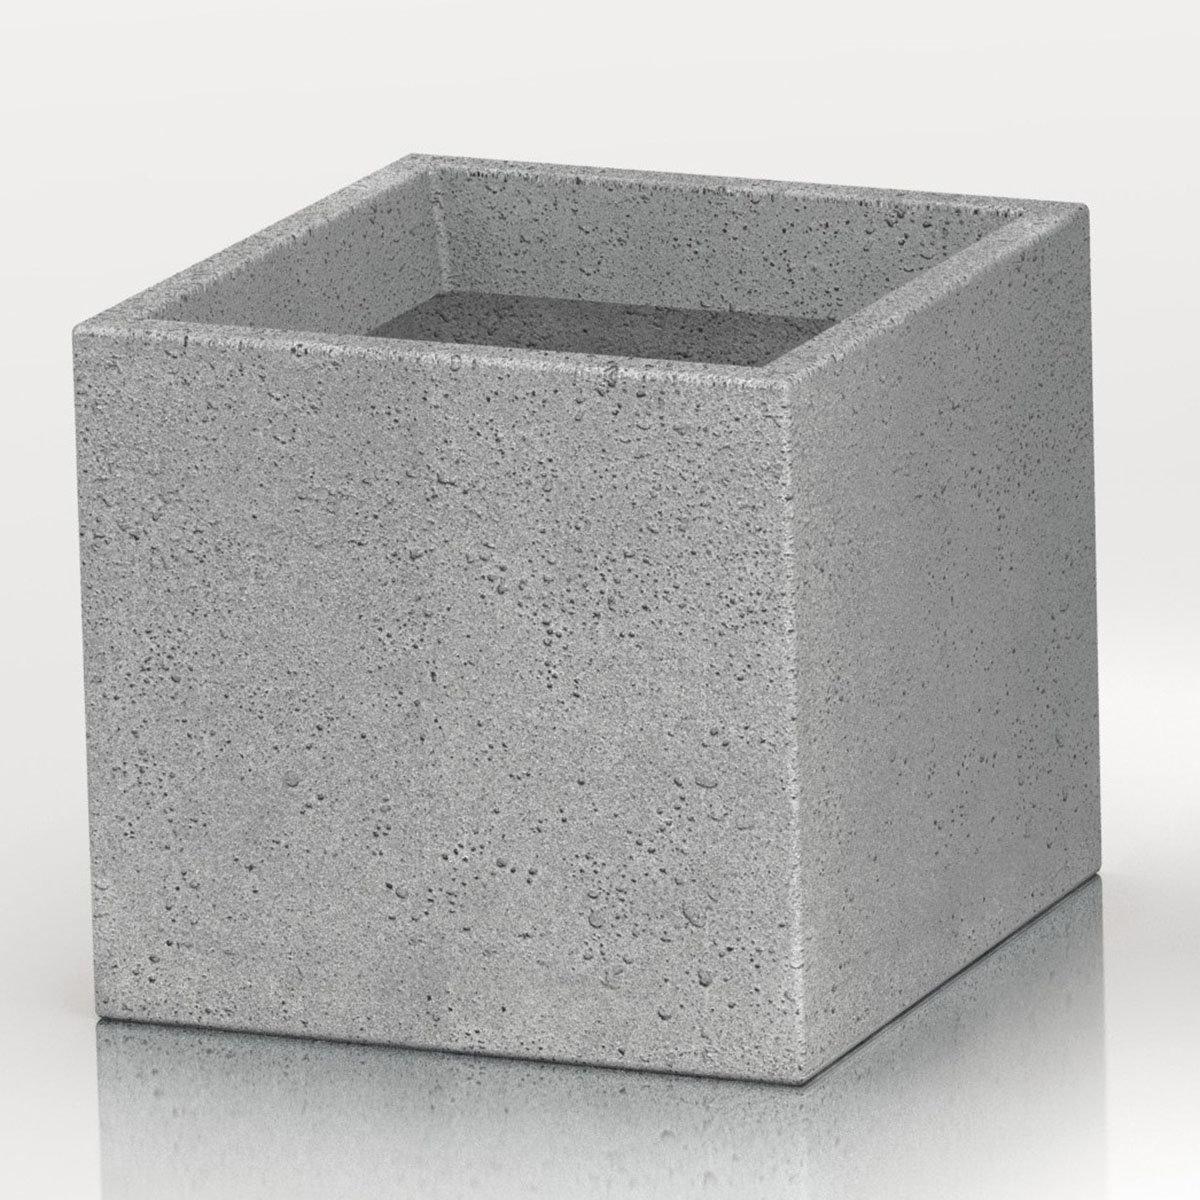 Pflanzkübel Cube, 38x38x33 cm, Stony Grey